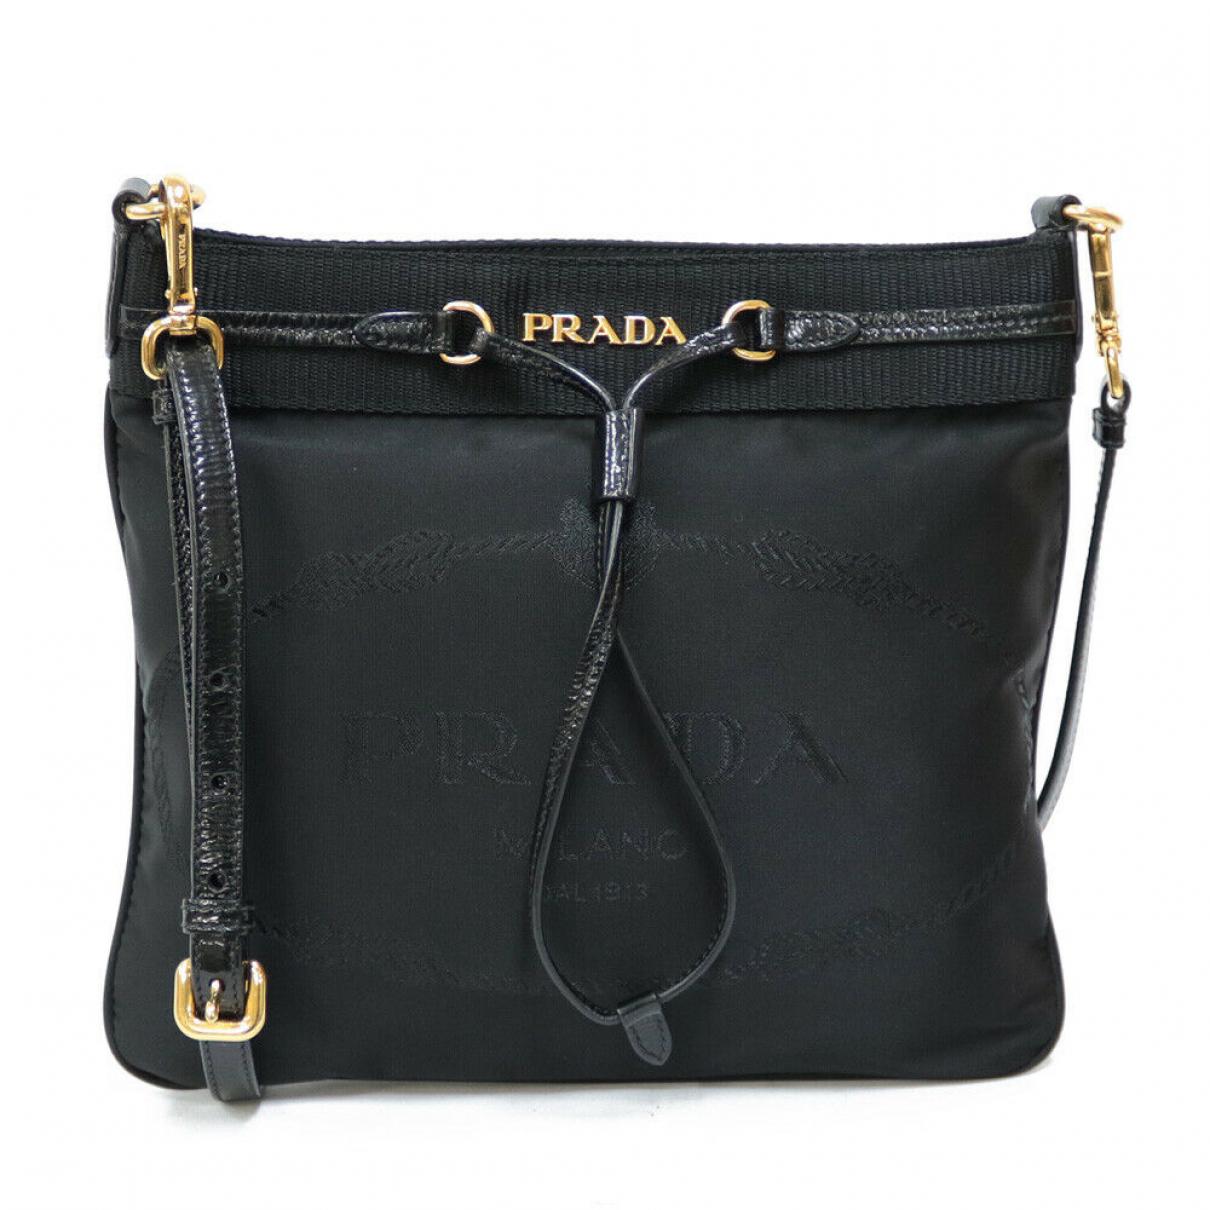 Prada - Sac a main   pour femme en cuir - noir